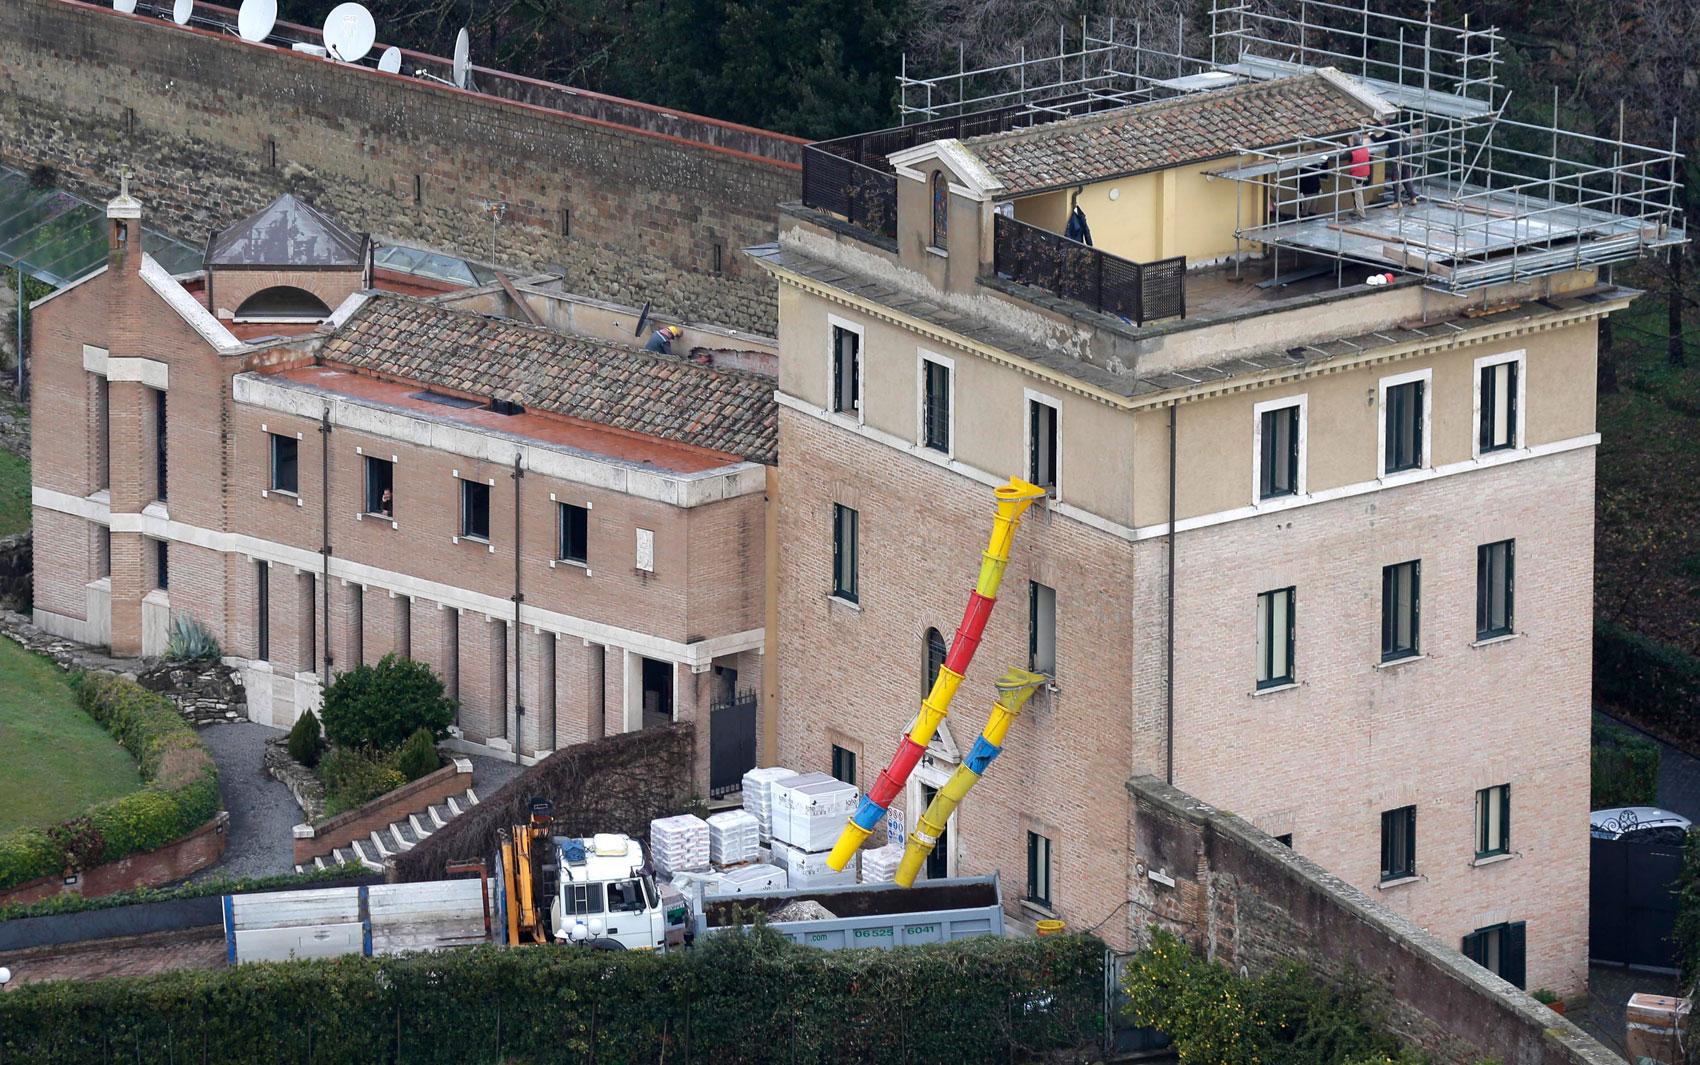 Operários e jardineiros trabalham há dias para preparar a futura residência de Bento XVI, um antigo convento sobre as colinas do Vaticano, com vista para a cúpula da Basílica de São Pedro e para os telhados da Cidade Eterna